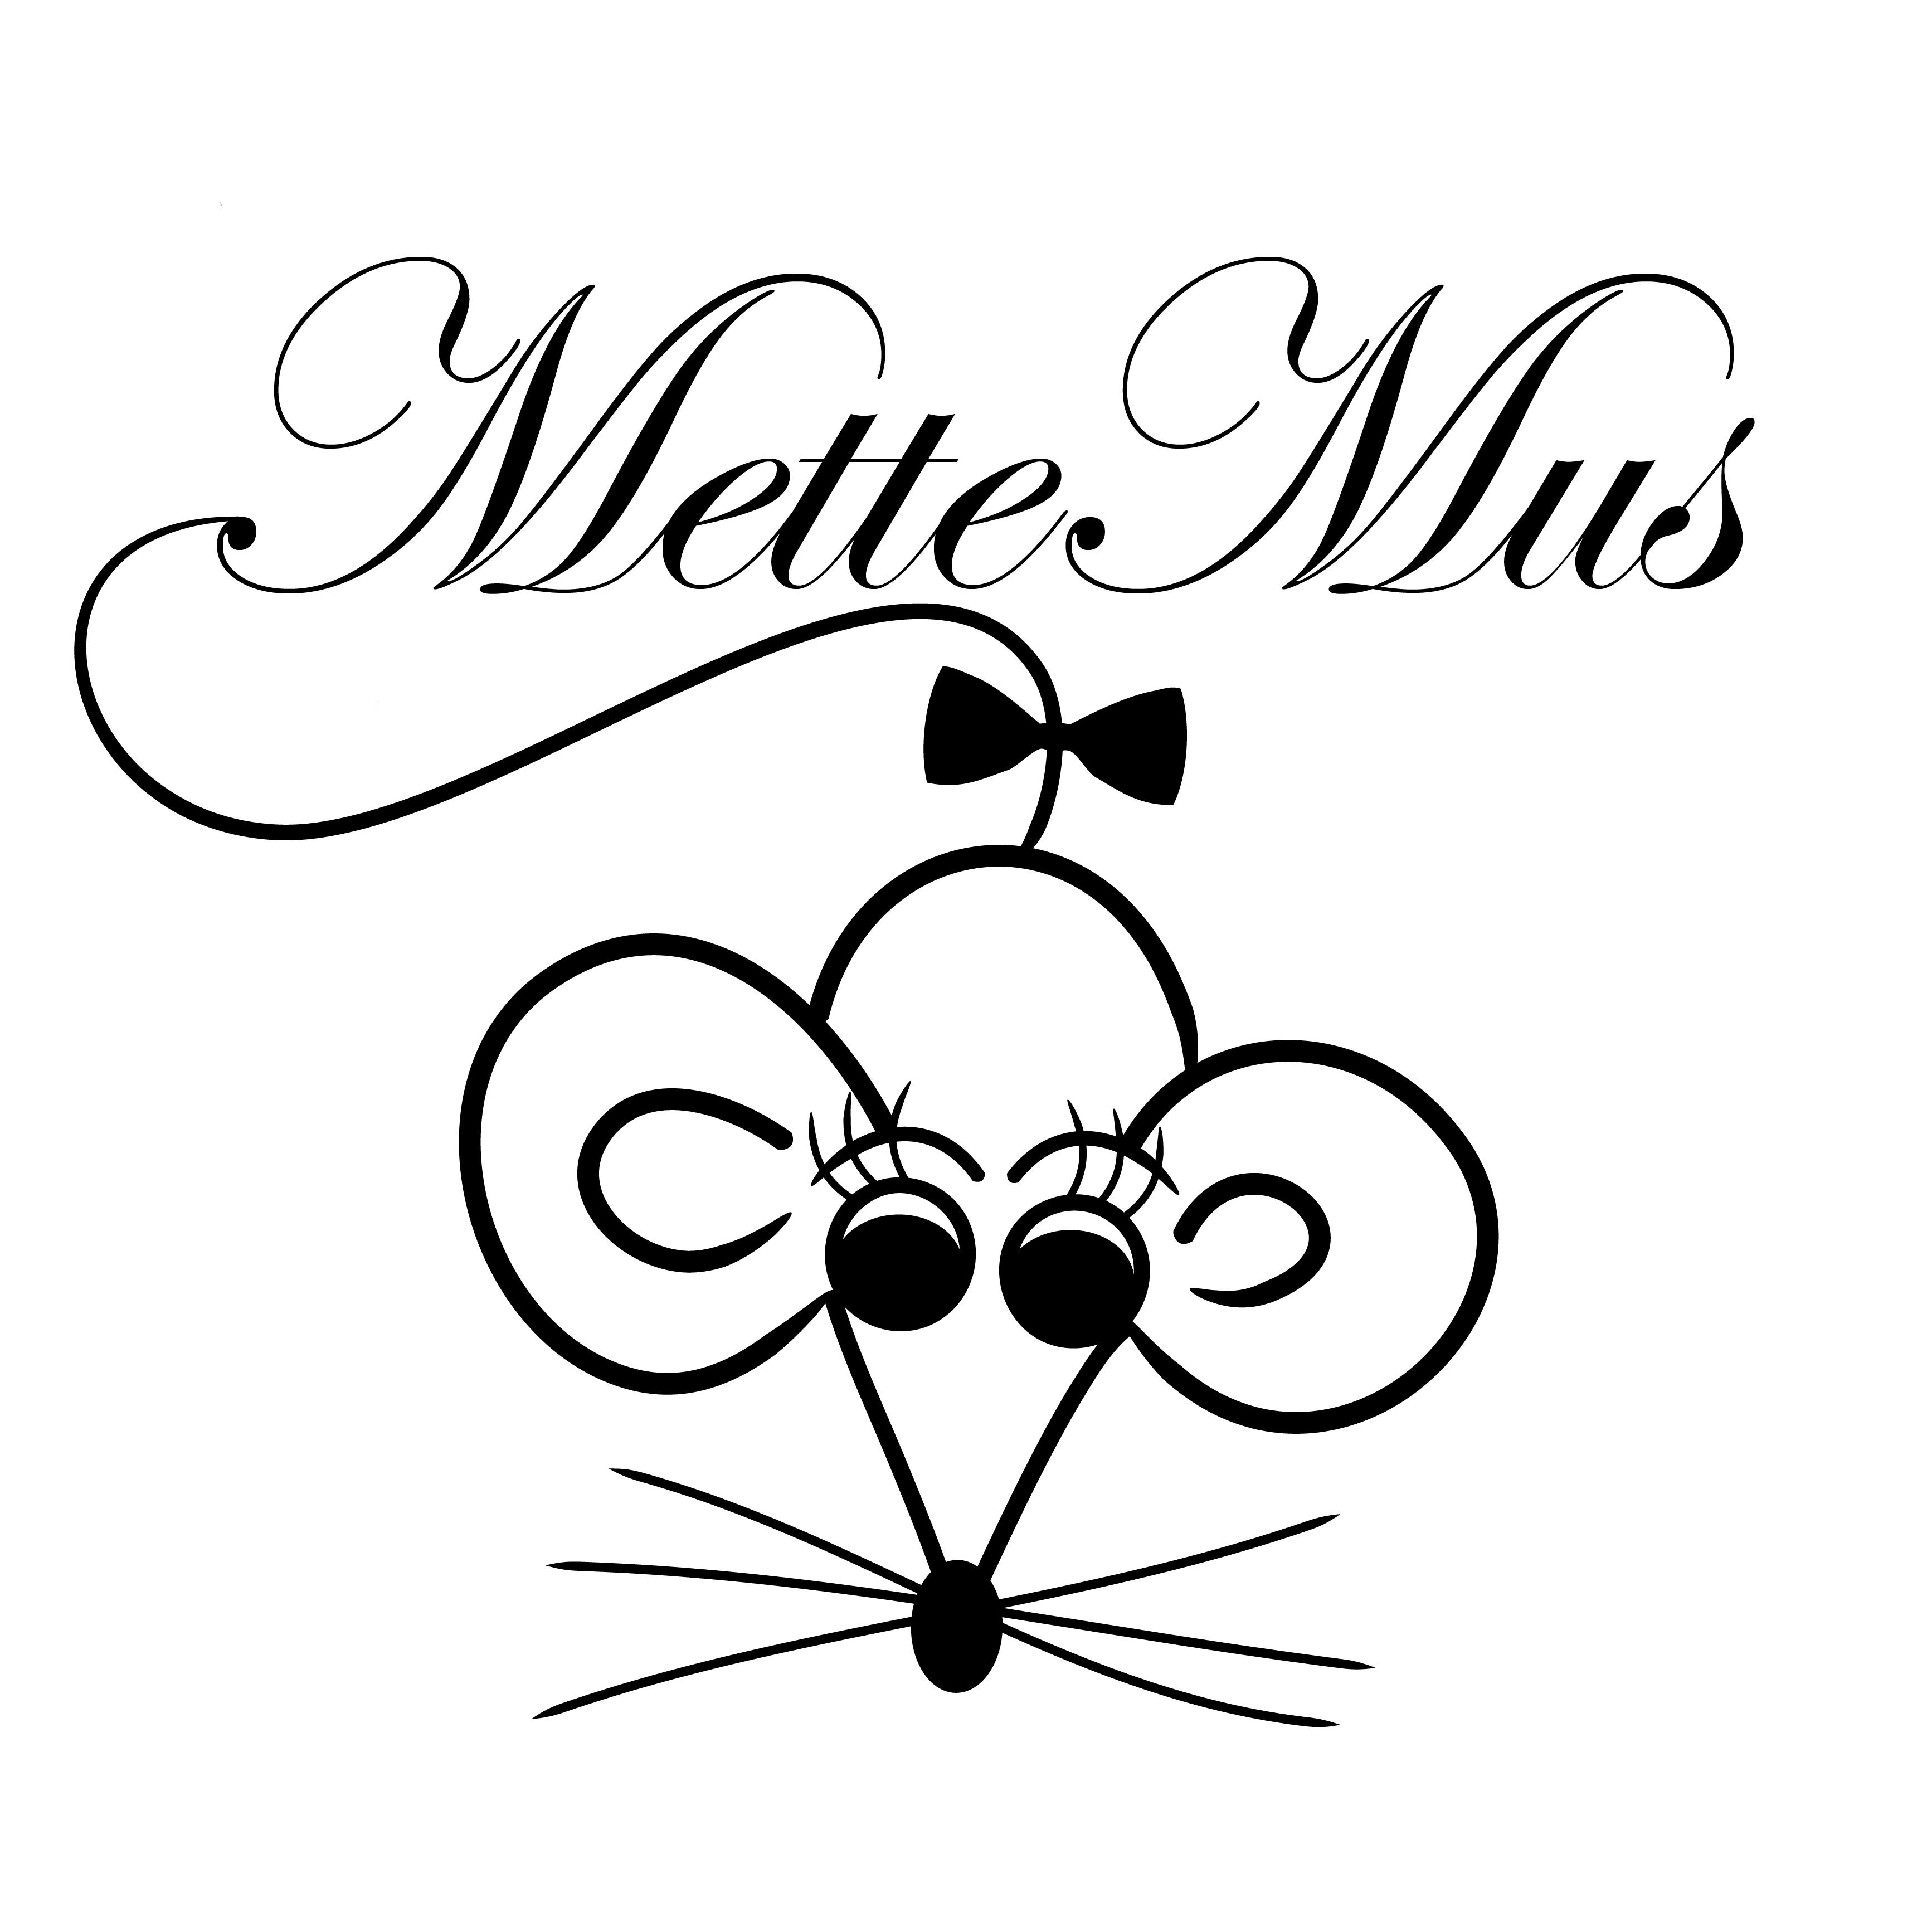 Mette-Mus-Square-01-RGB